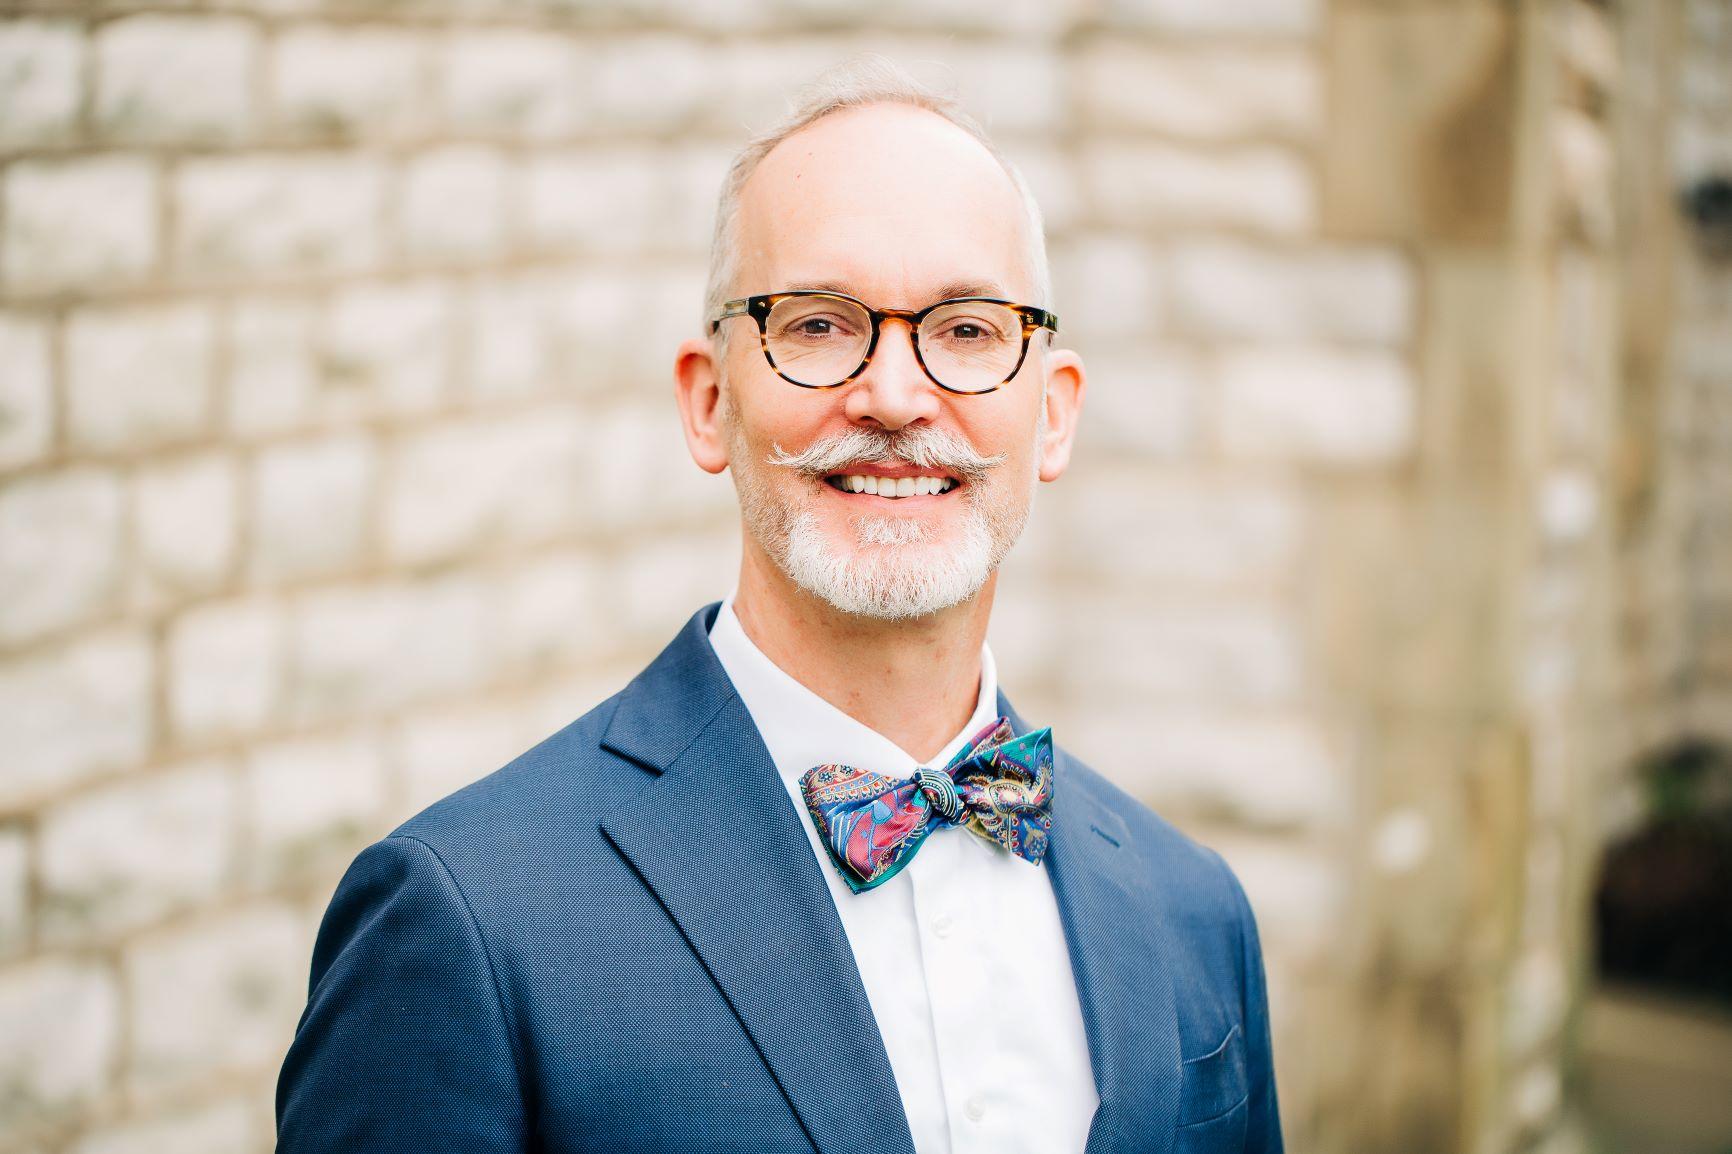 Clergy and Staff: Dr. Edward Maki-Schramm